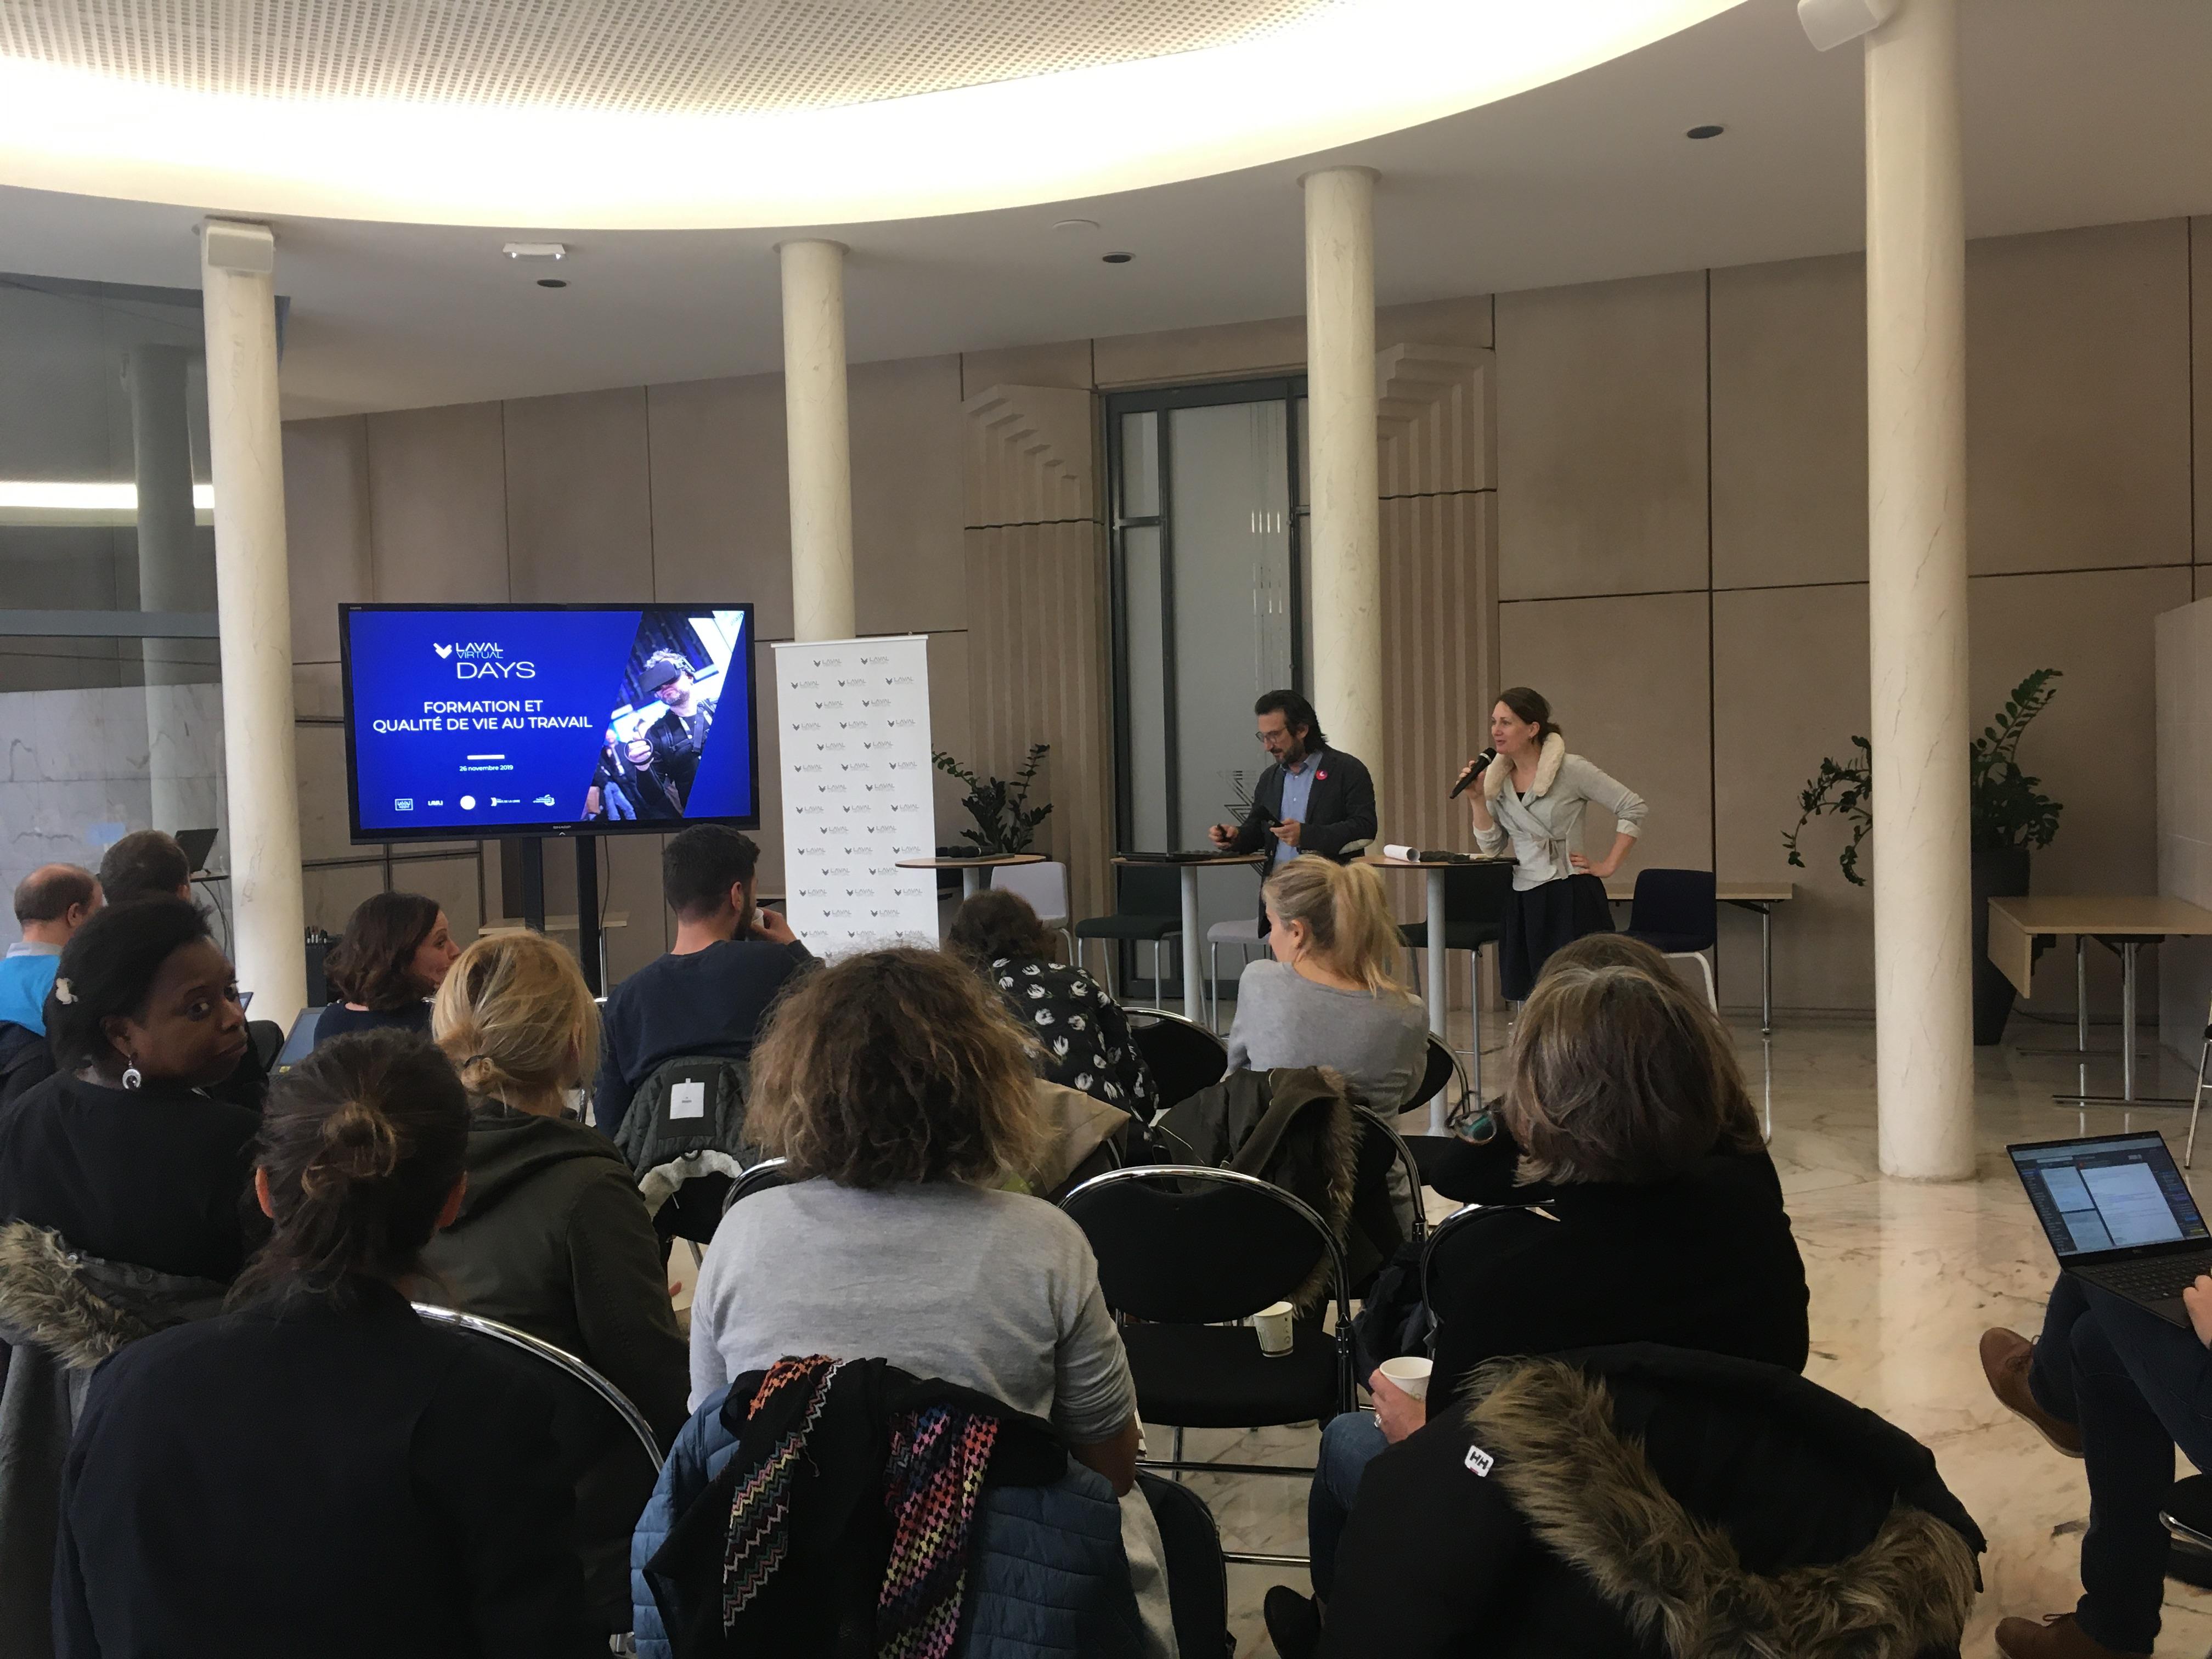 Les conférences aux Laval Virtual Days sur la formation